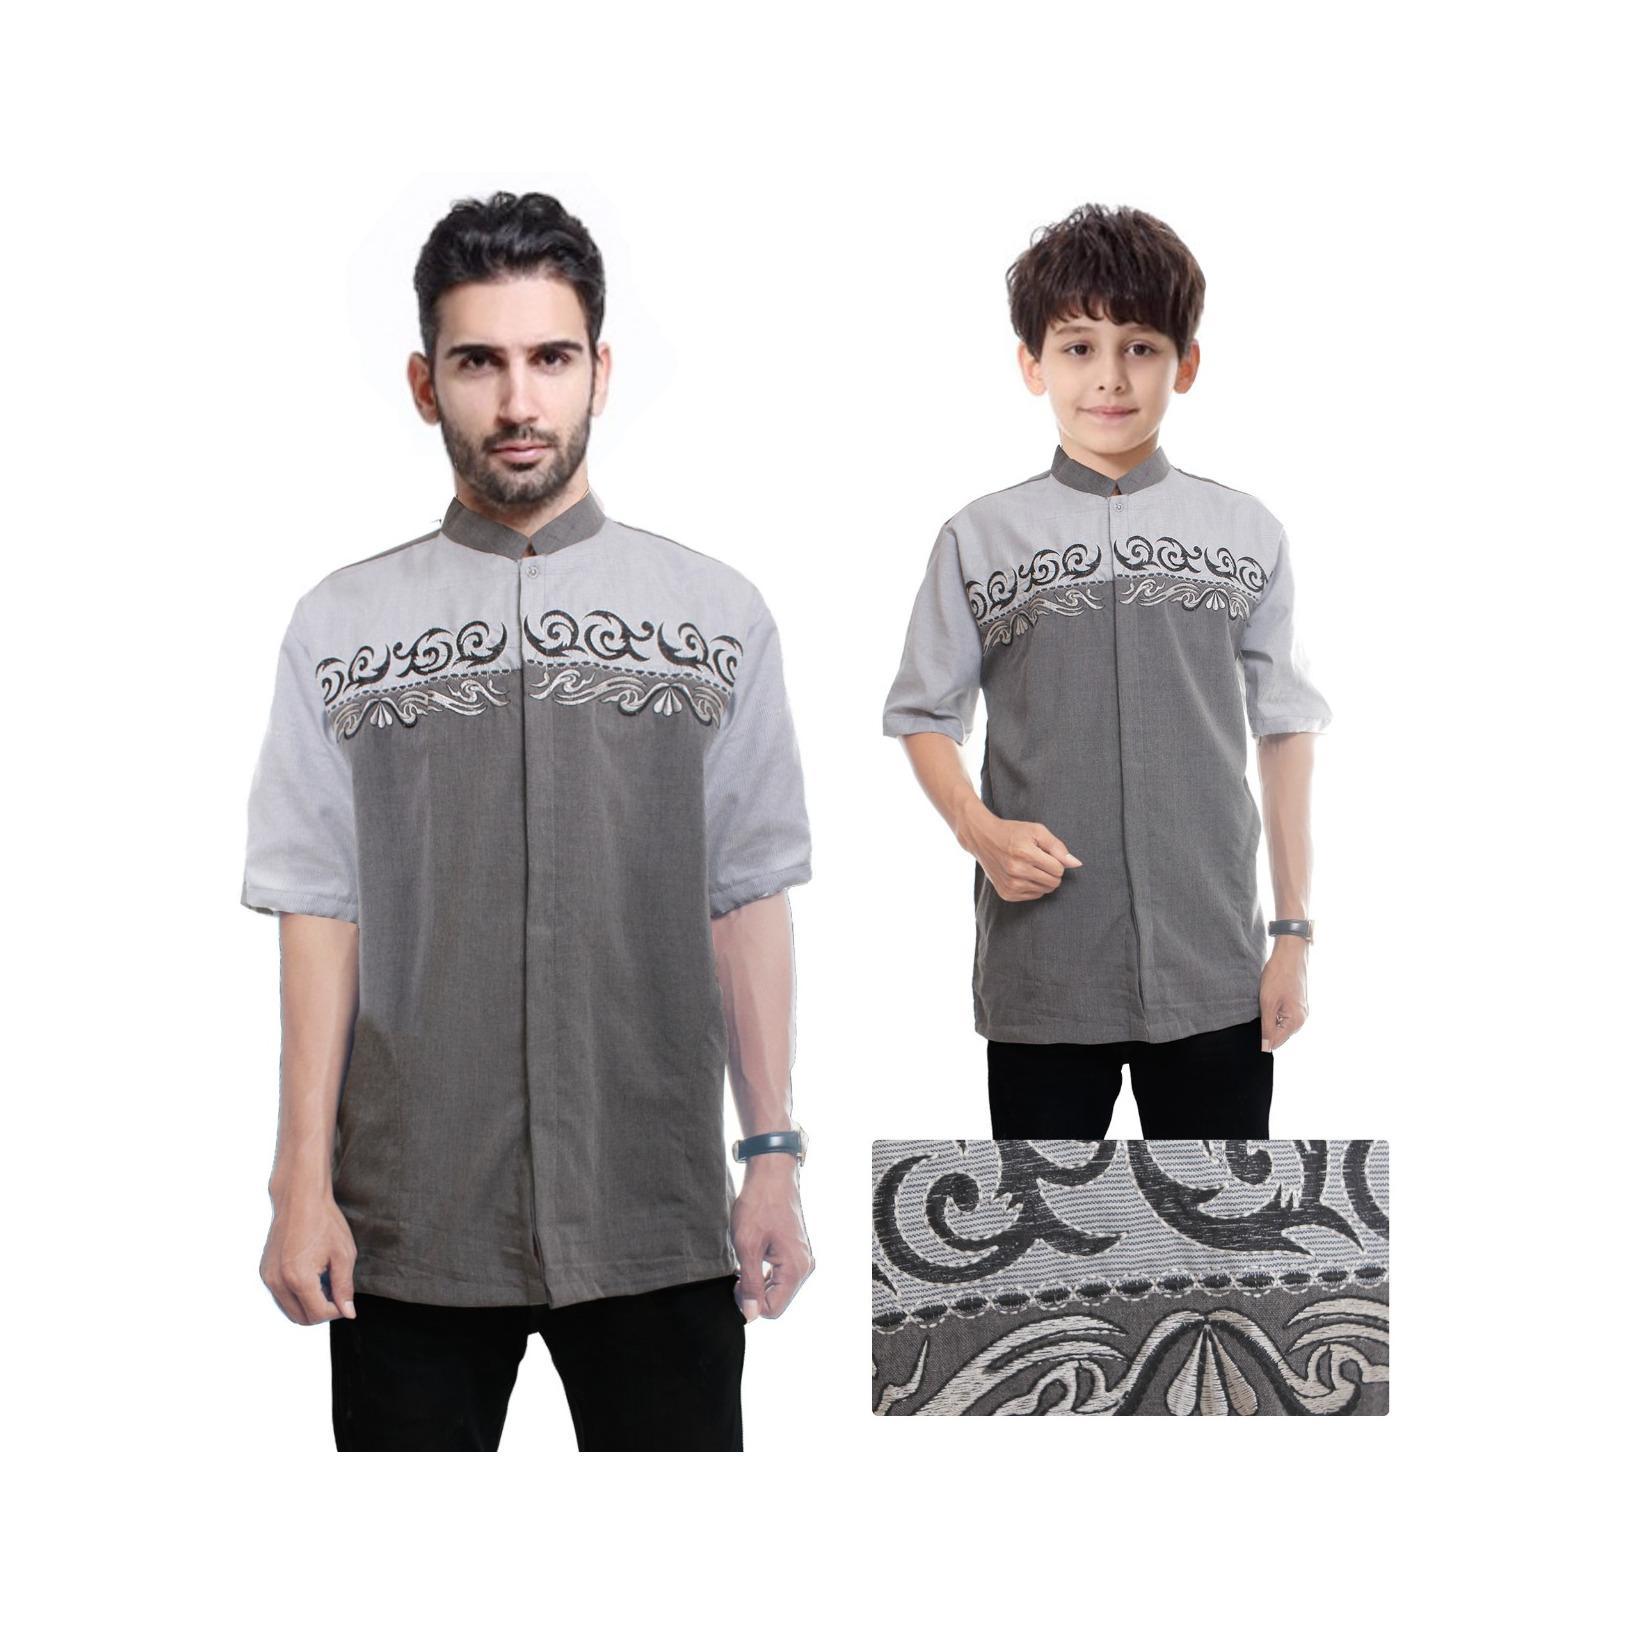 168 Collection Baju Koko Eldif Kemeja Muslim Lengan Pendek Ayah dan Anak